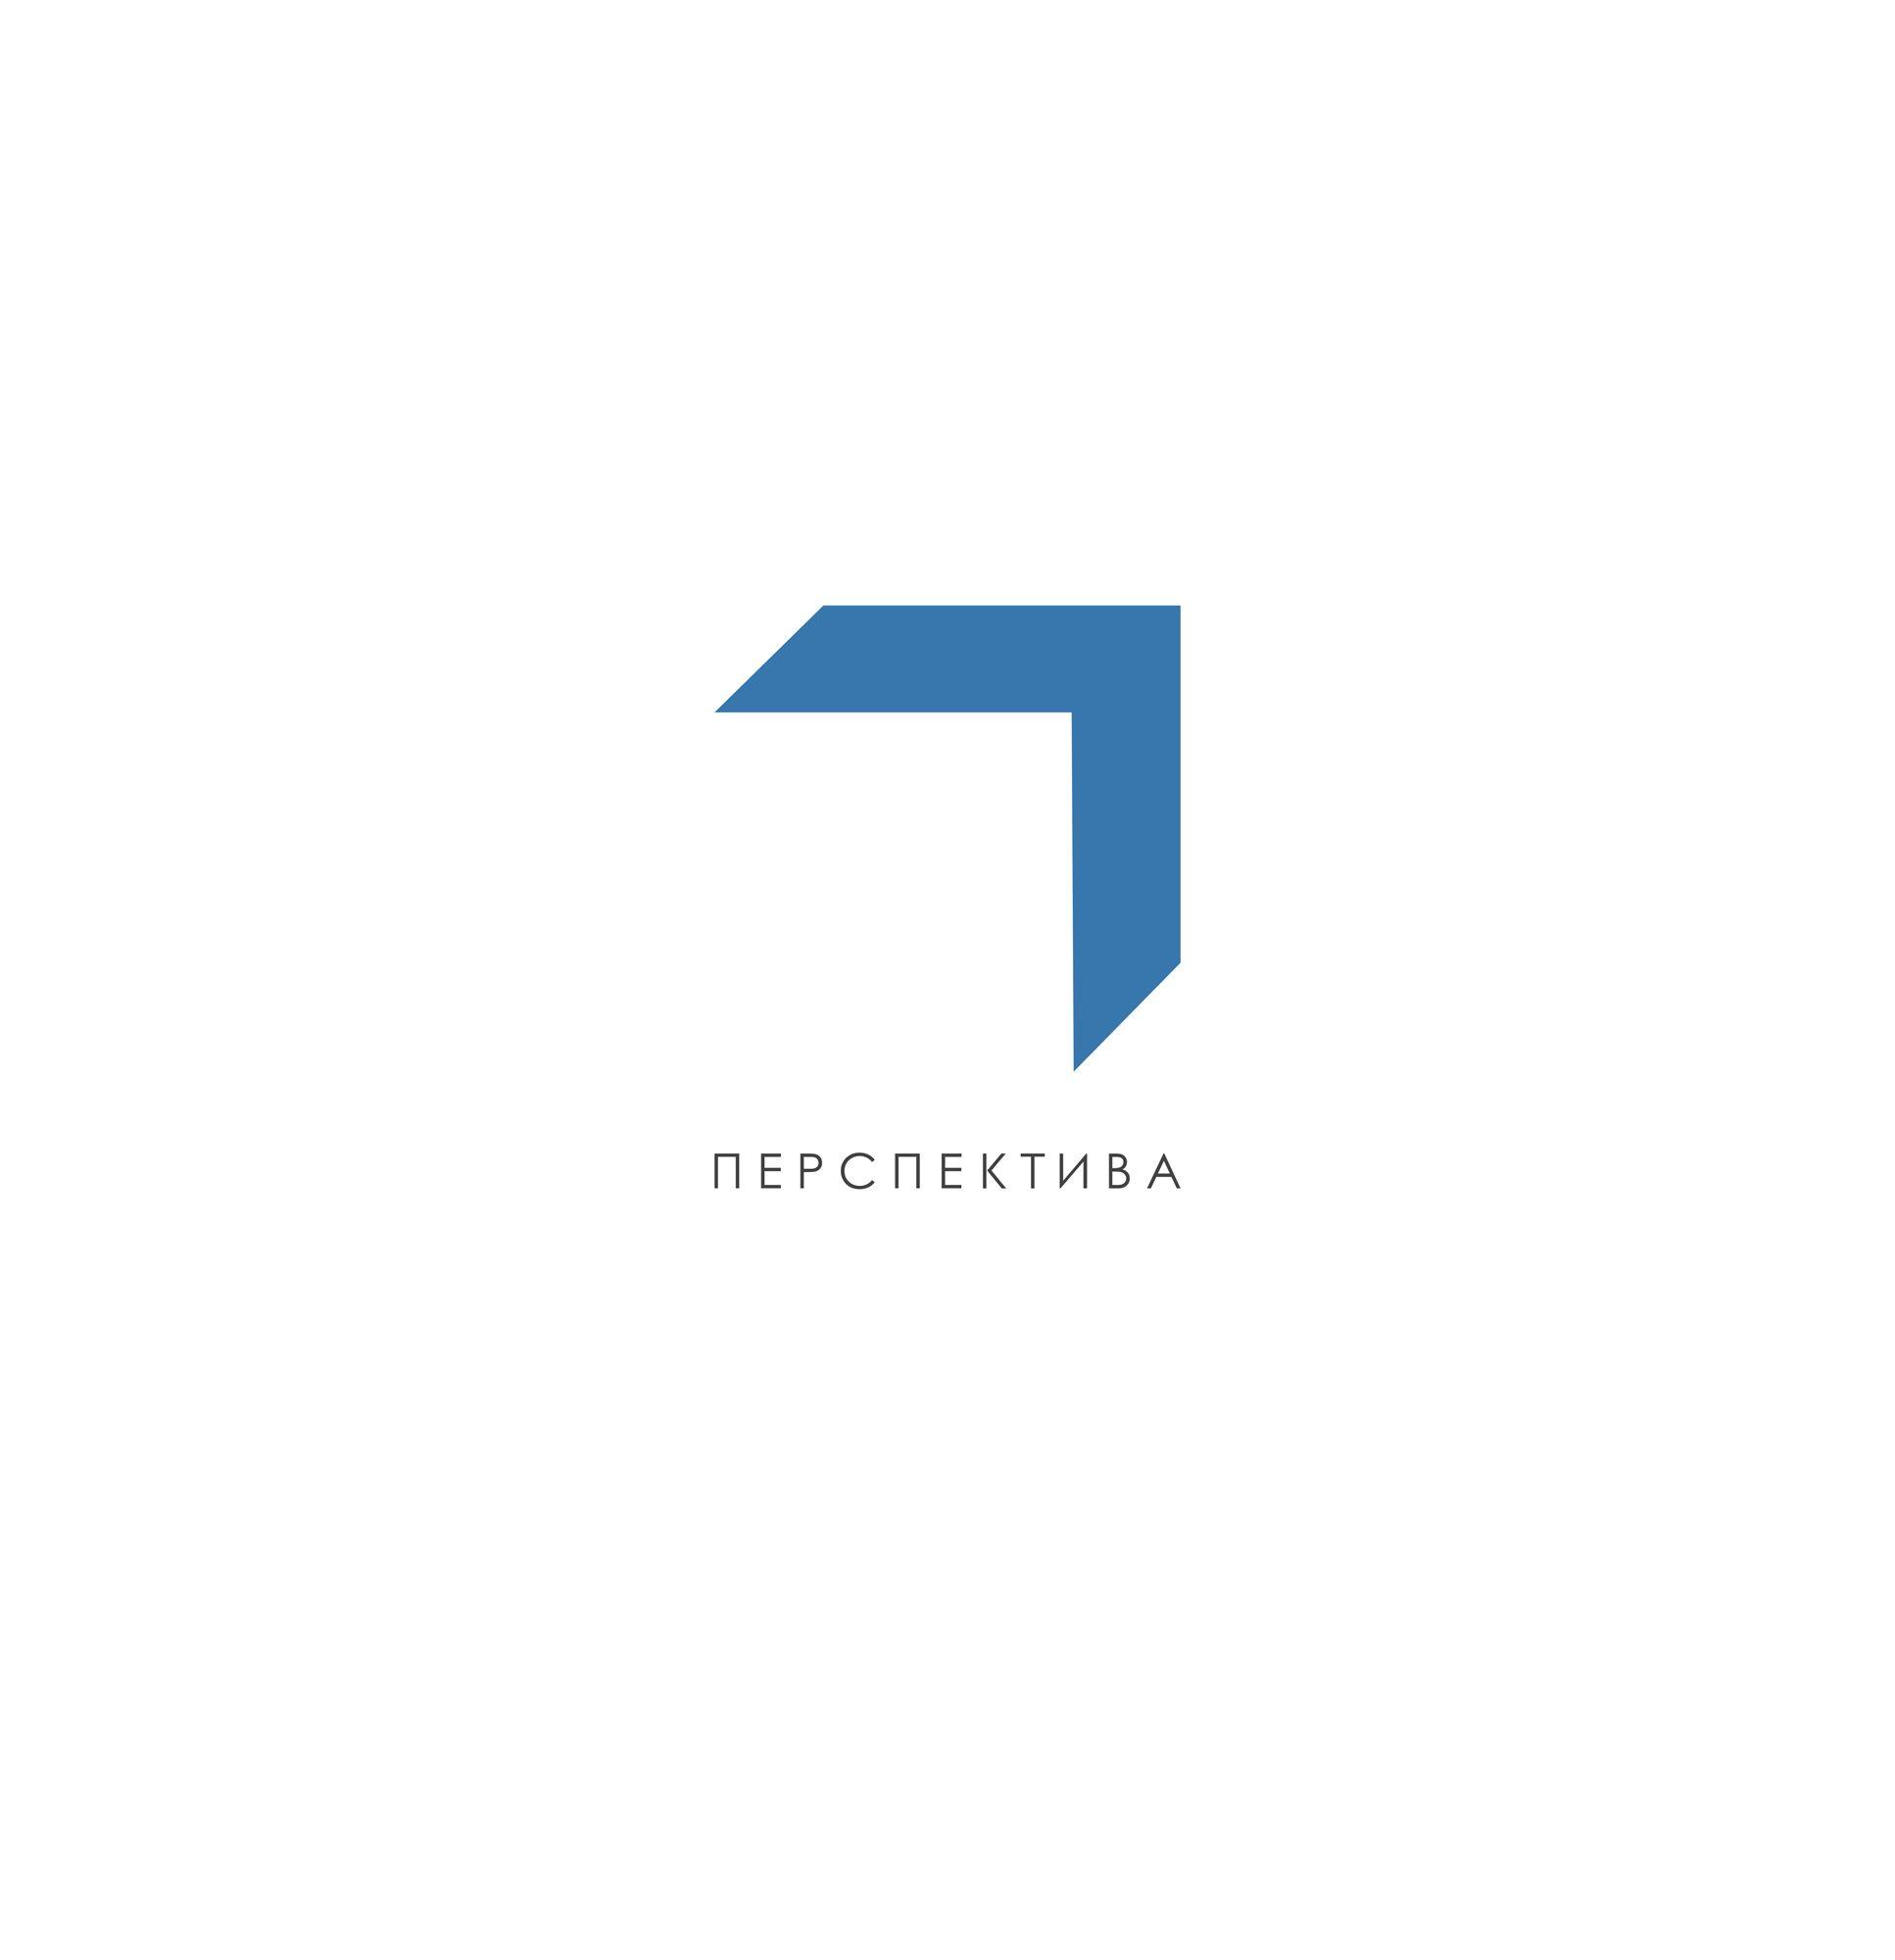 Логотип для компании  - дизайнер Ewgene